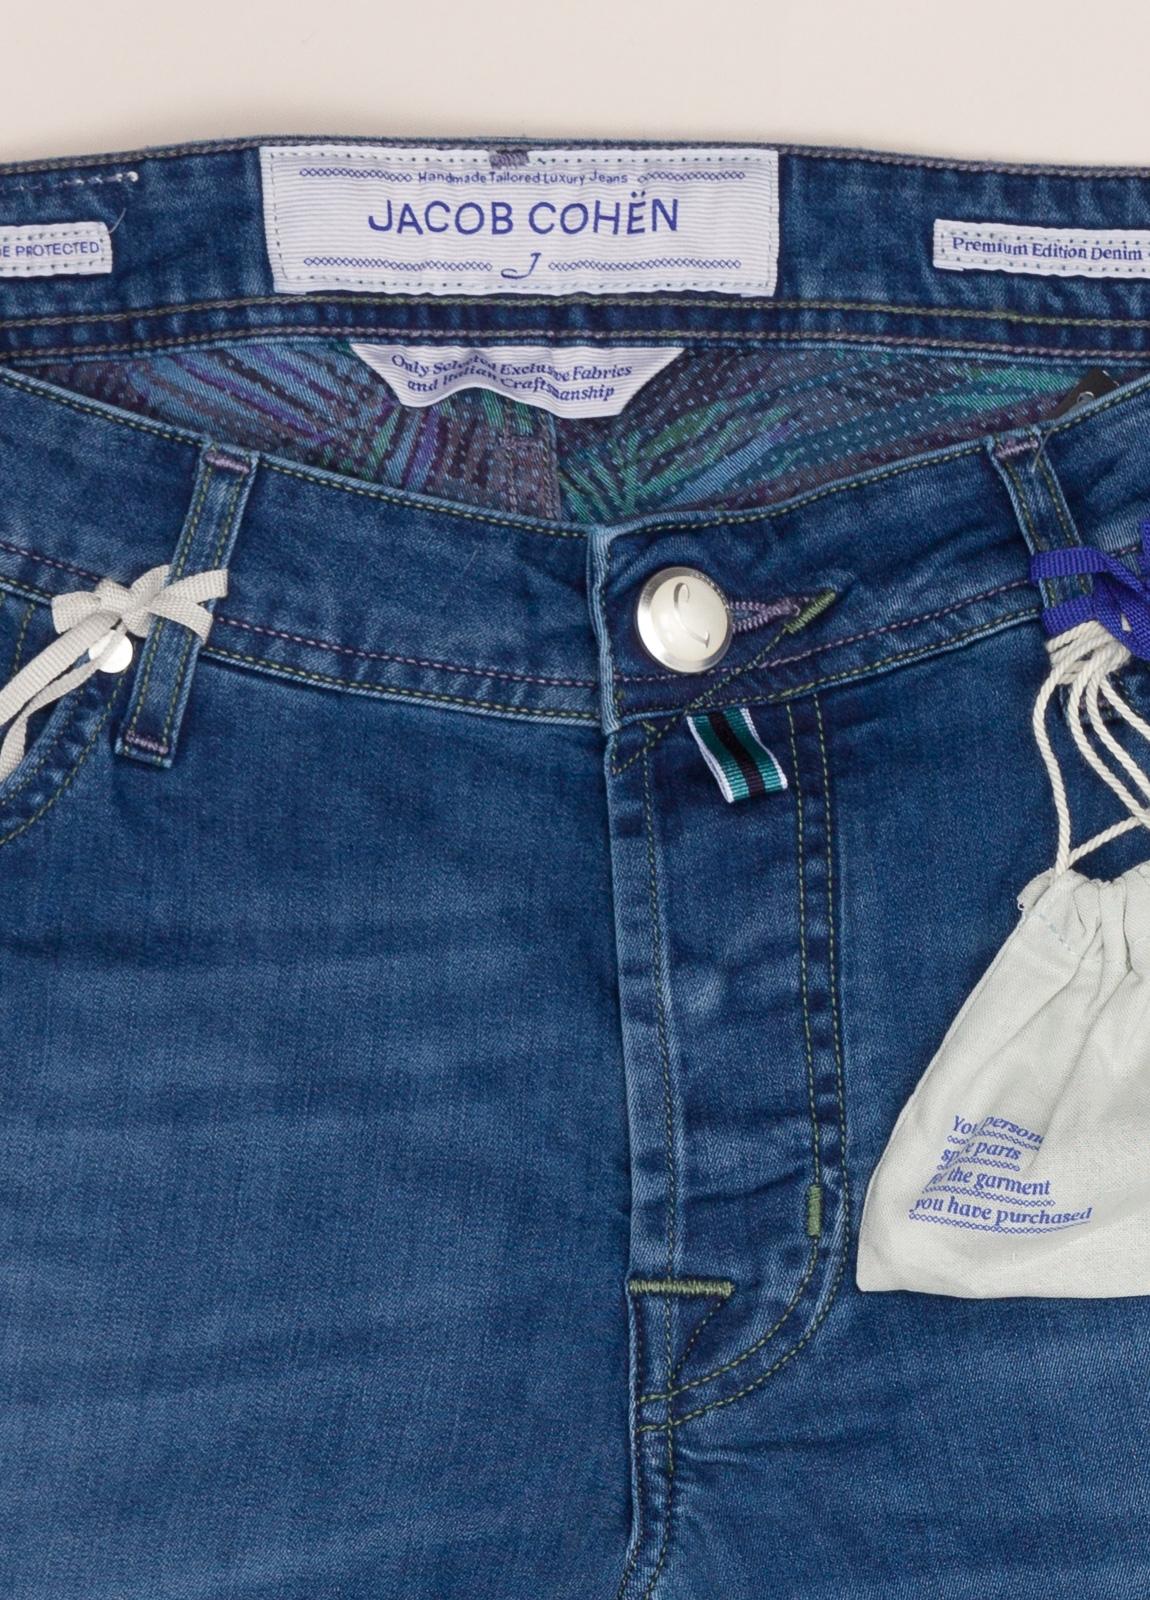 Pantalón tejano JACOB COHEN azul denim - Ítem1